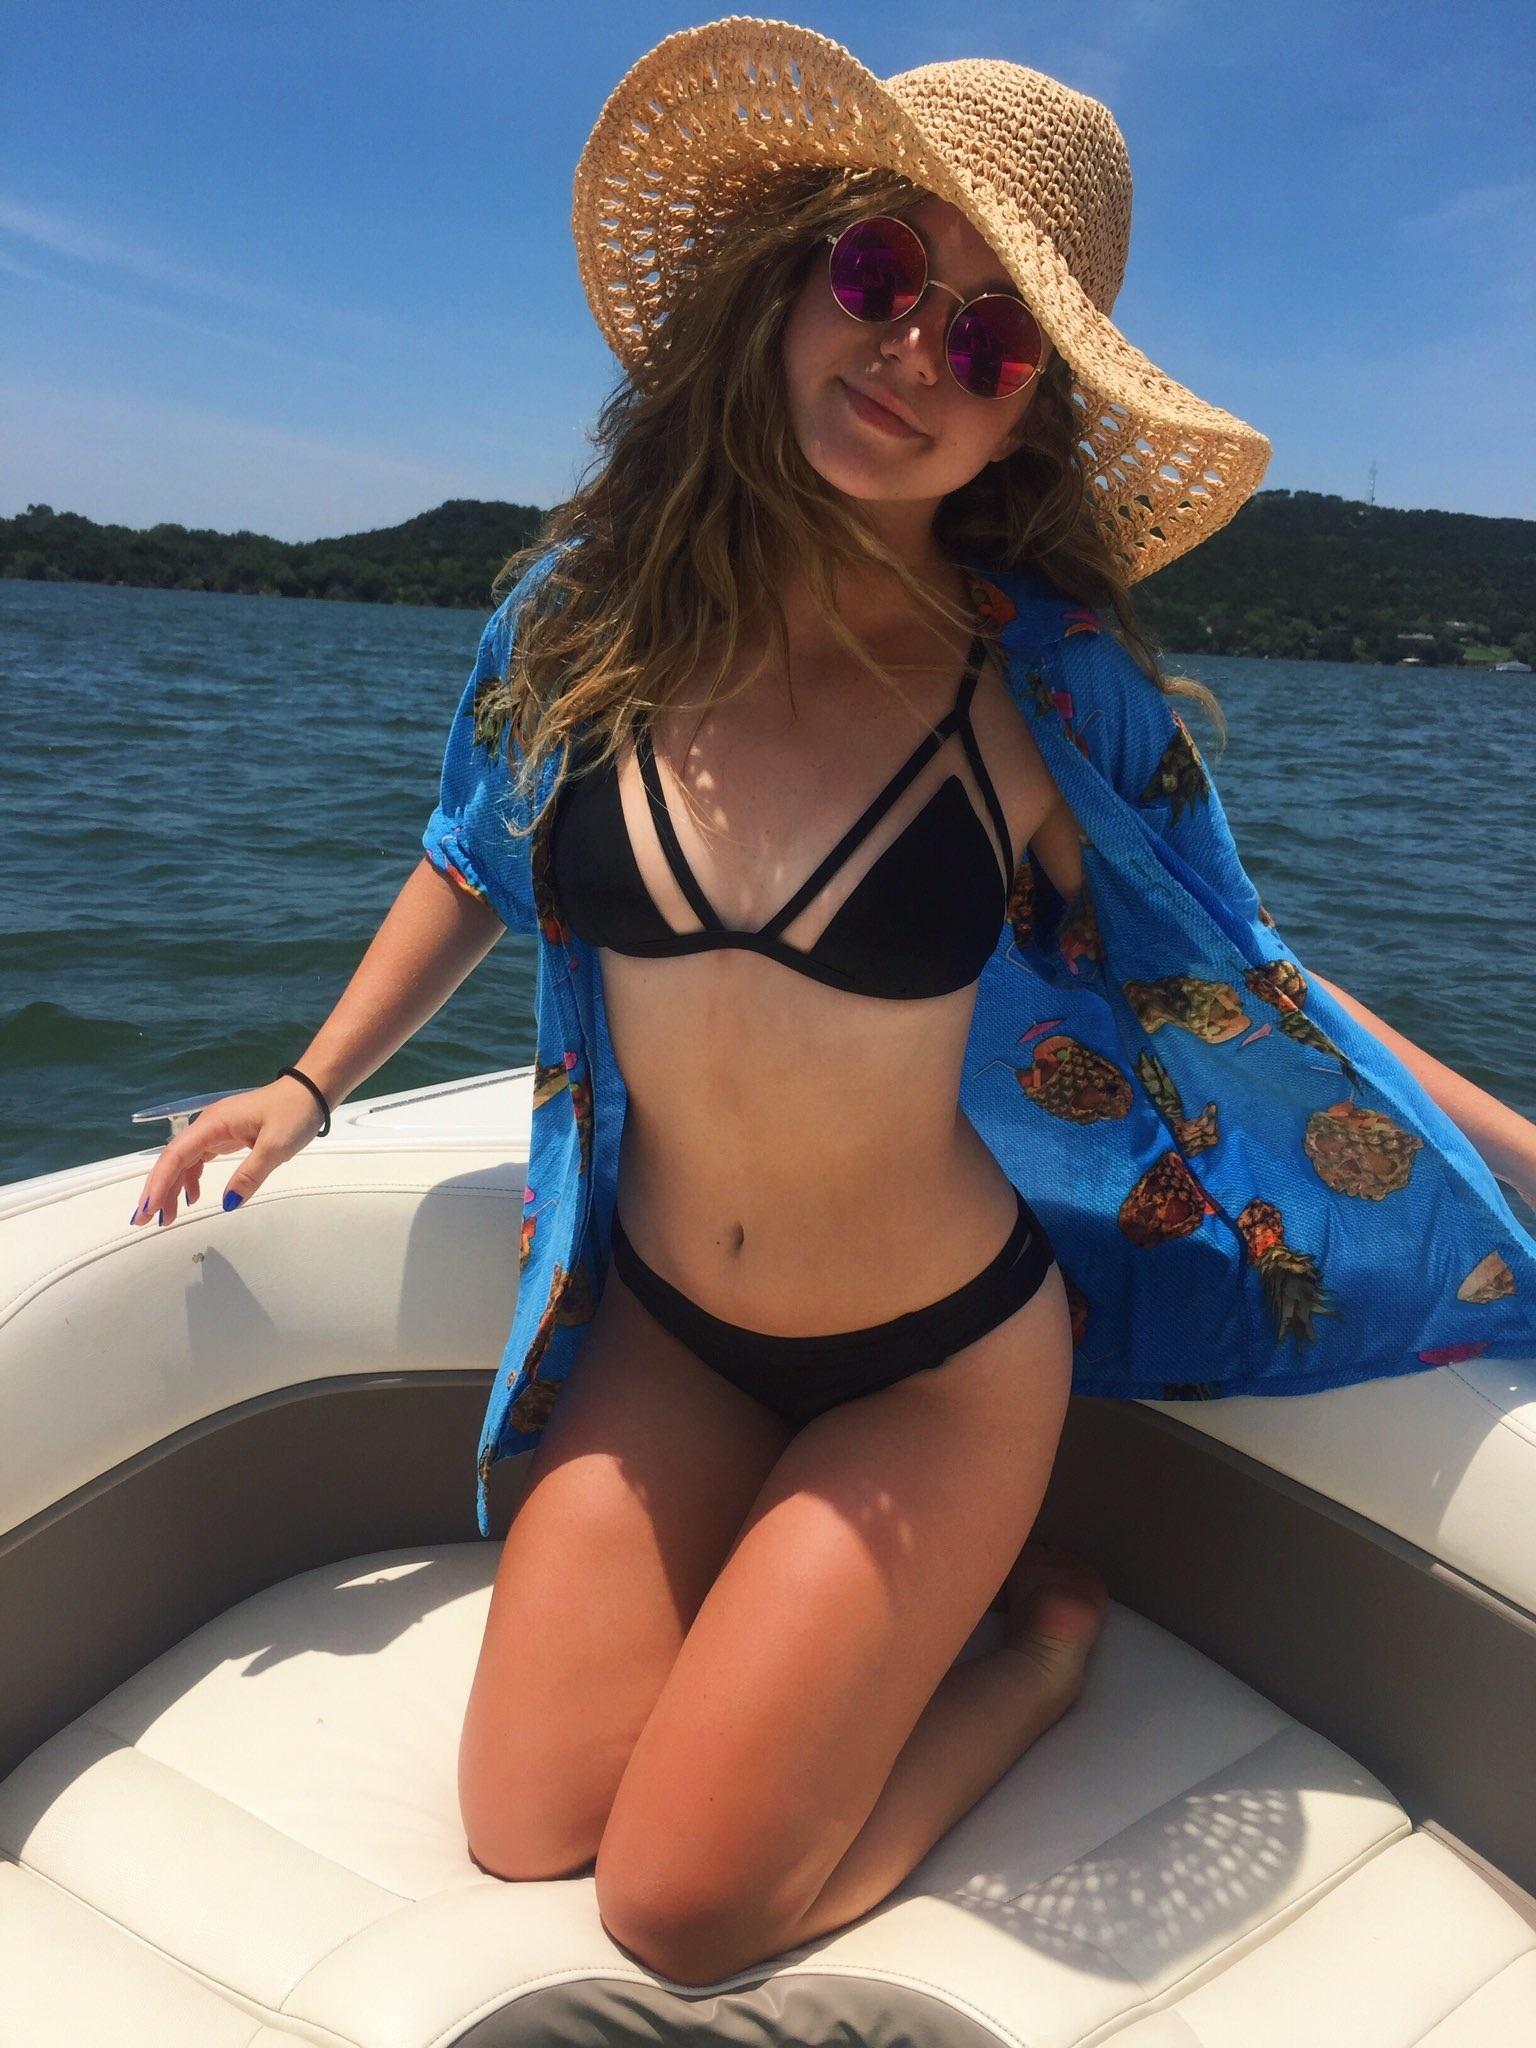 Brec Bassinger tits